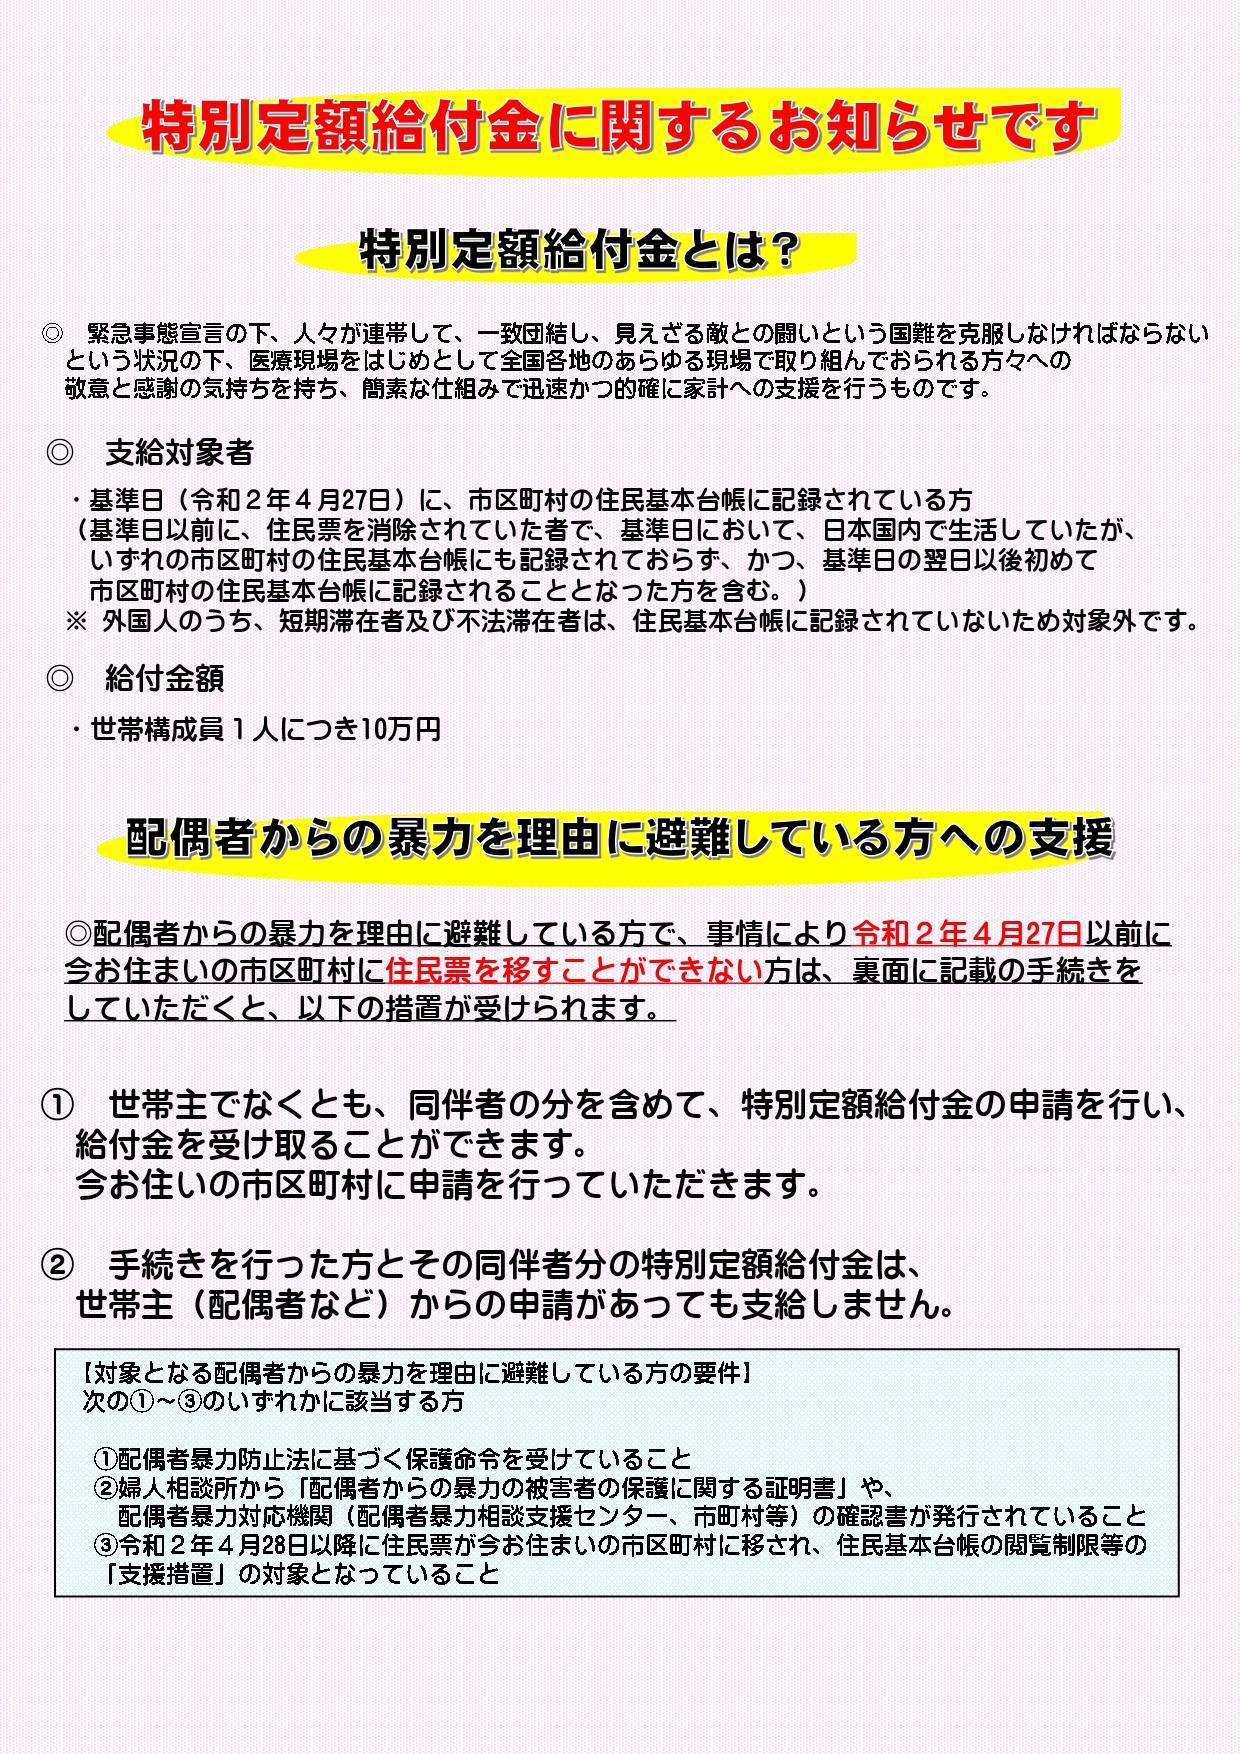 特別定額給付金に関するお知らせ(総務省作成)1/2枚目